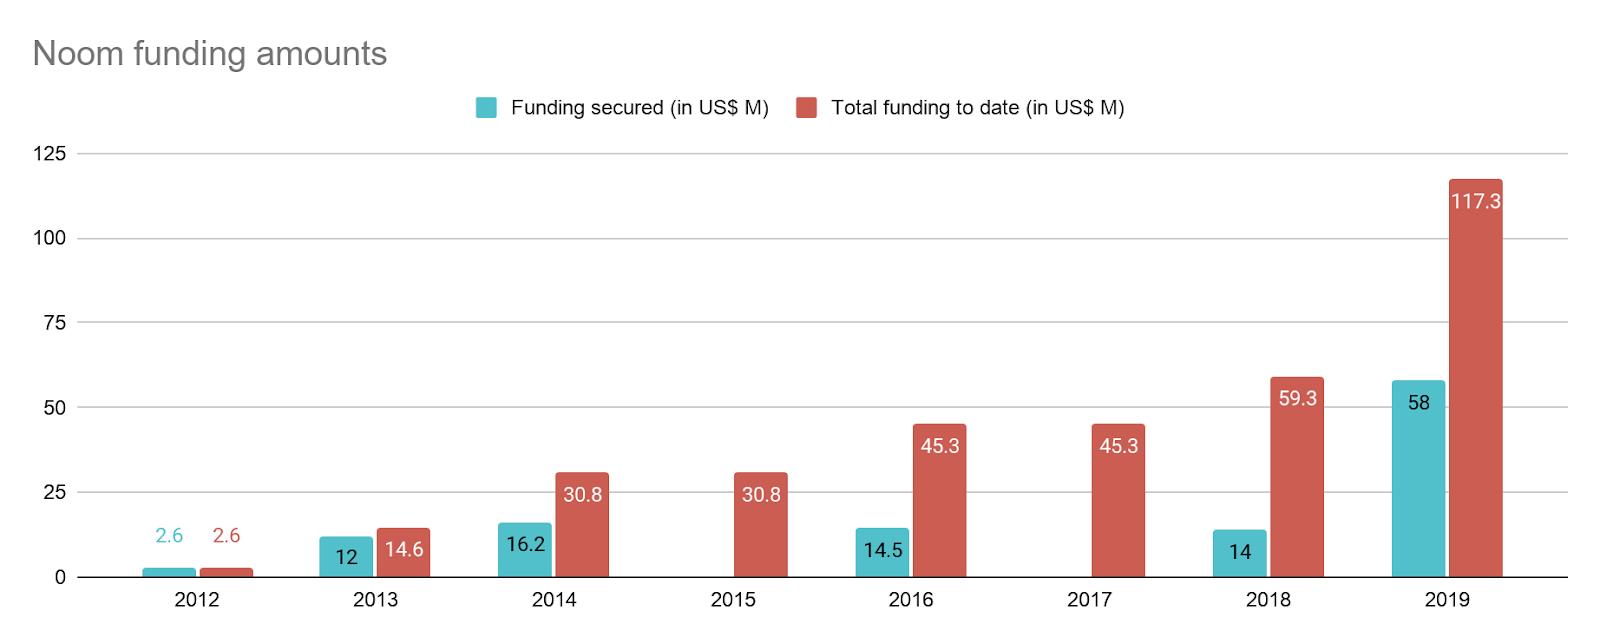 Noom funding amounts